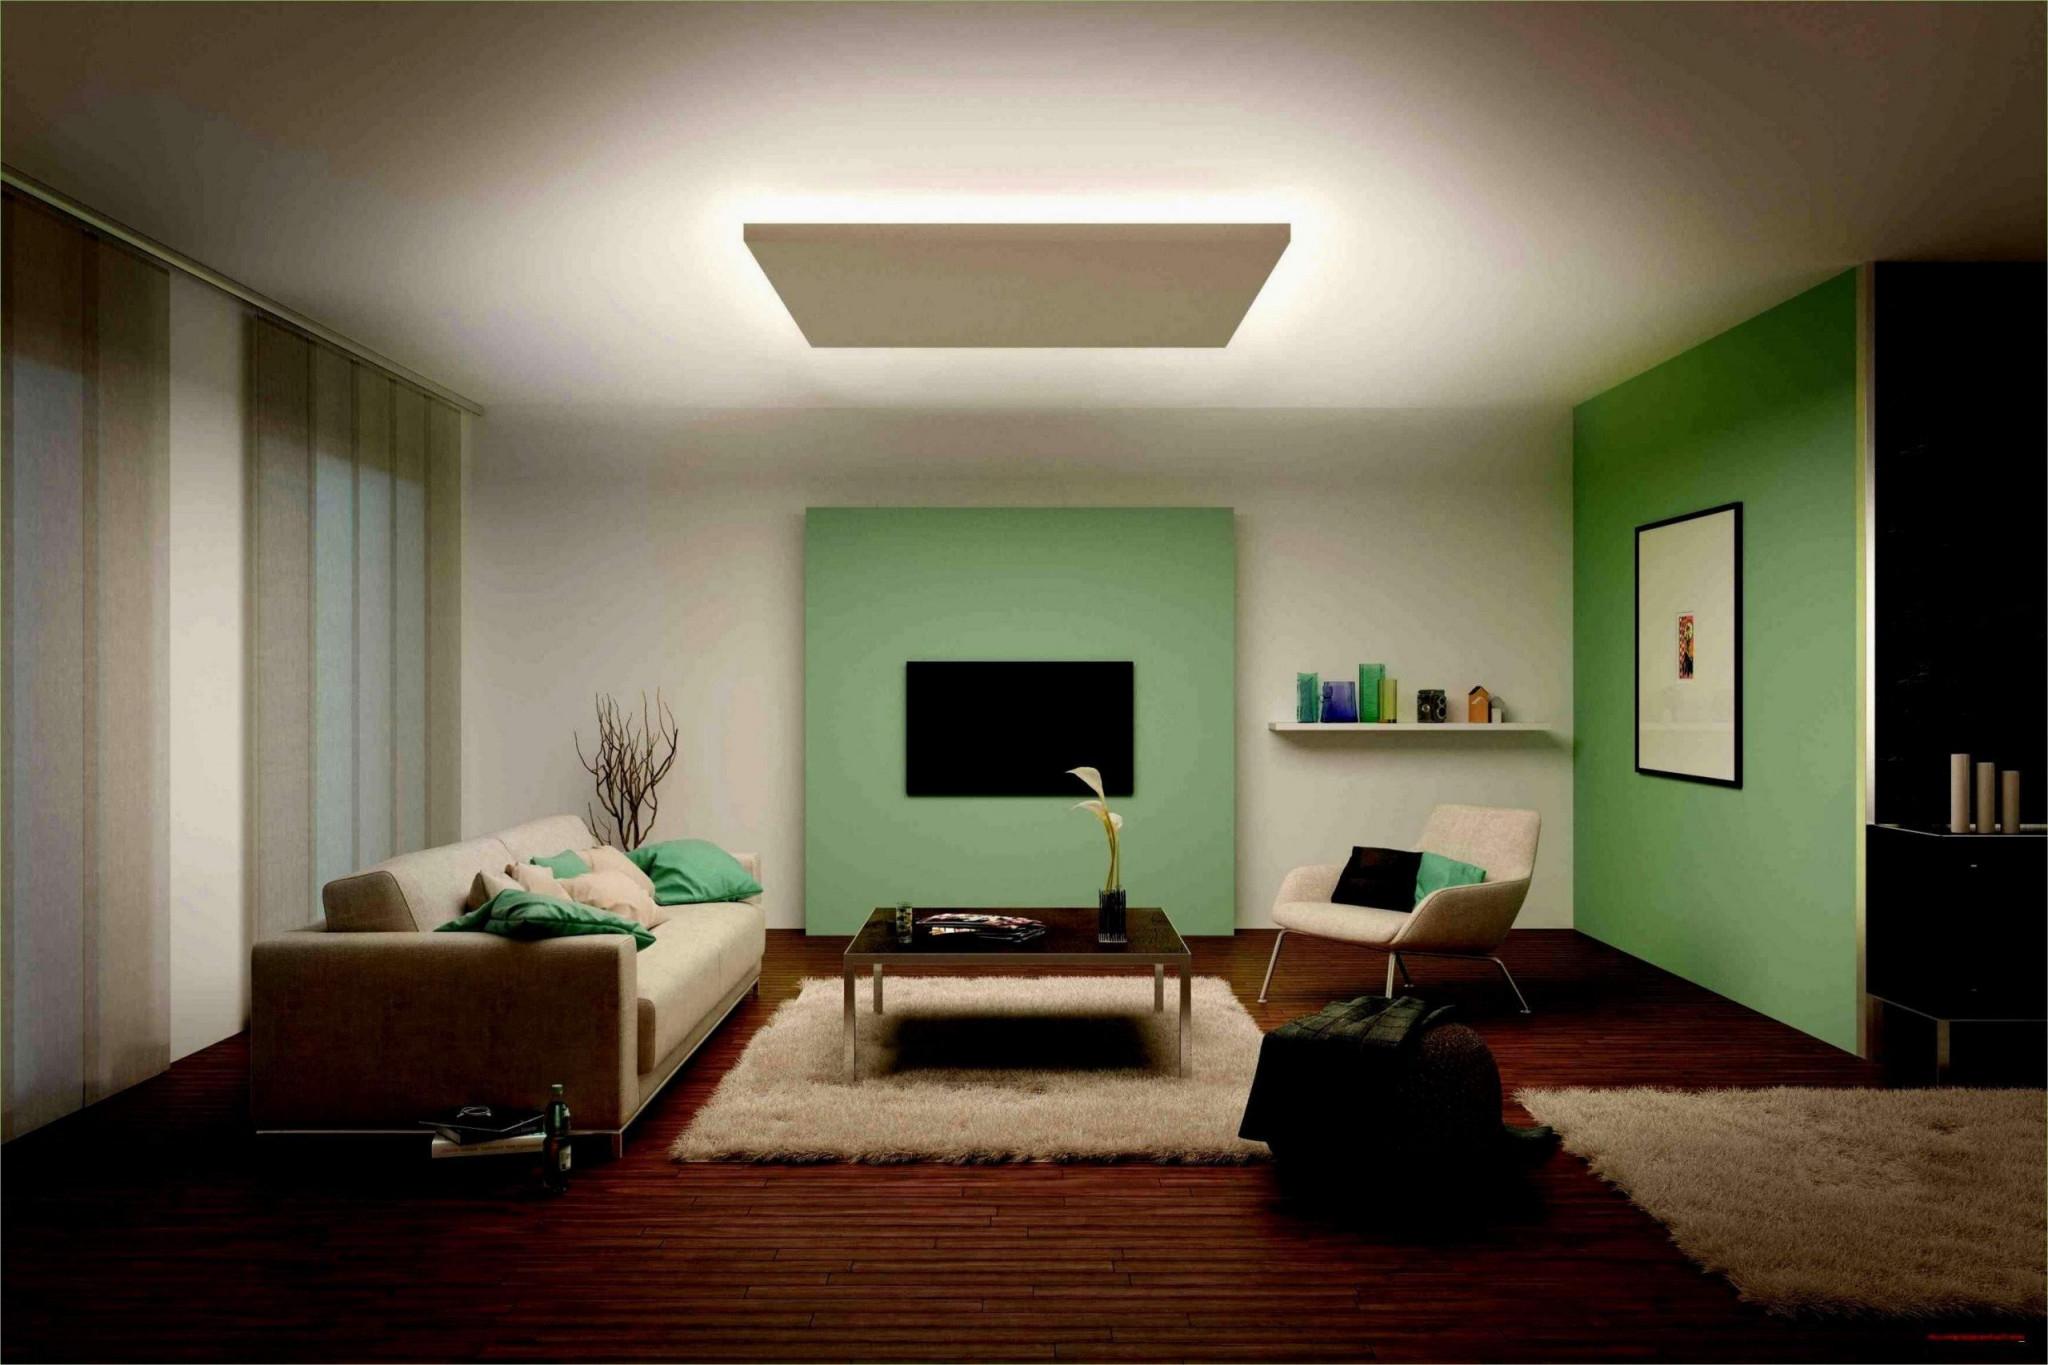 30 Elegant Lampe Wohnzimmer Decke Schön  Wohnzimmer Frisch von Lampe Wohnzimmer Decke Bild